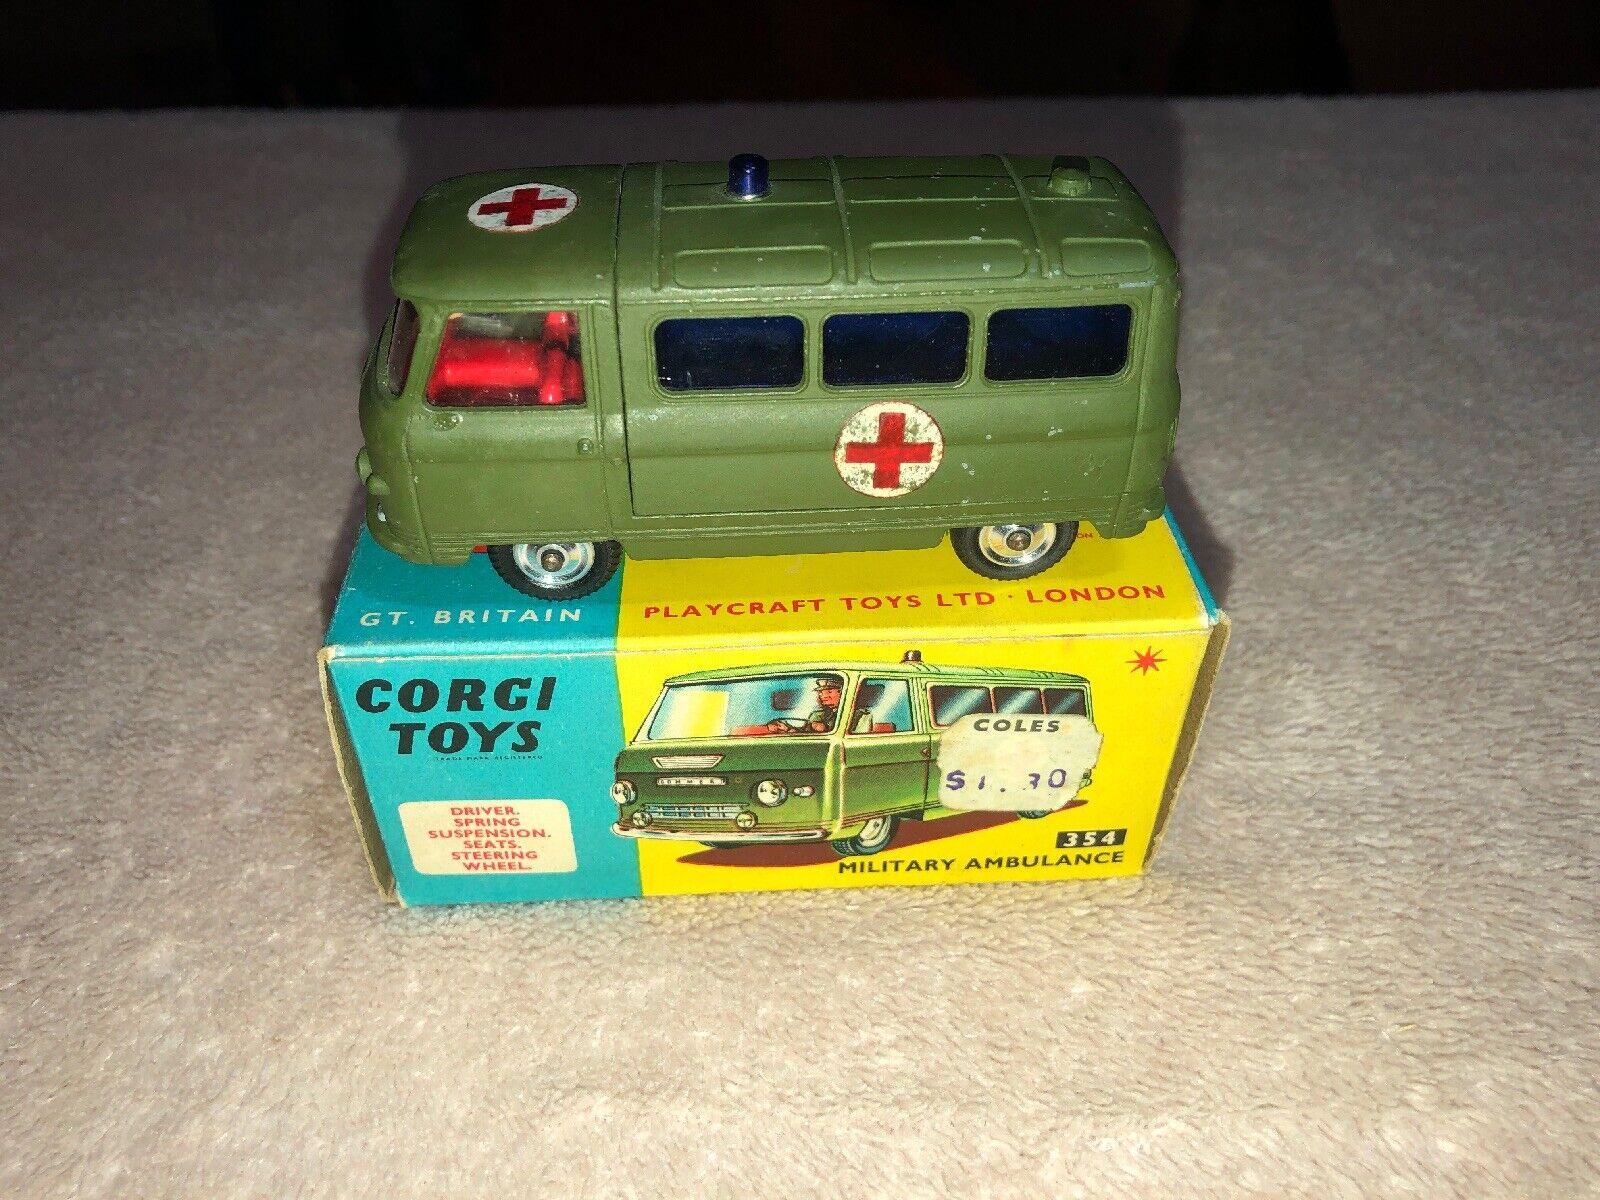 Vintage CORGI numéro 354 ambulance militaire avec BOITE Comme neuf